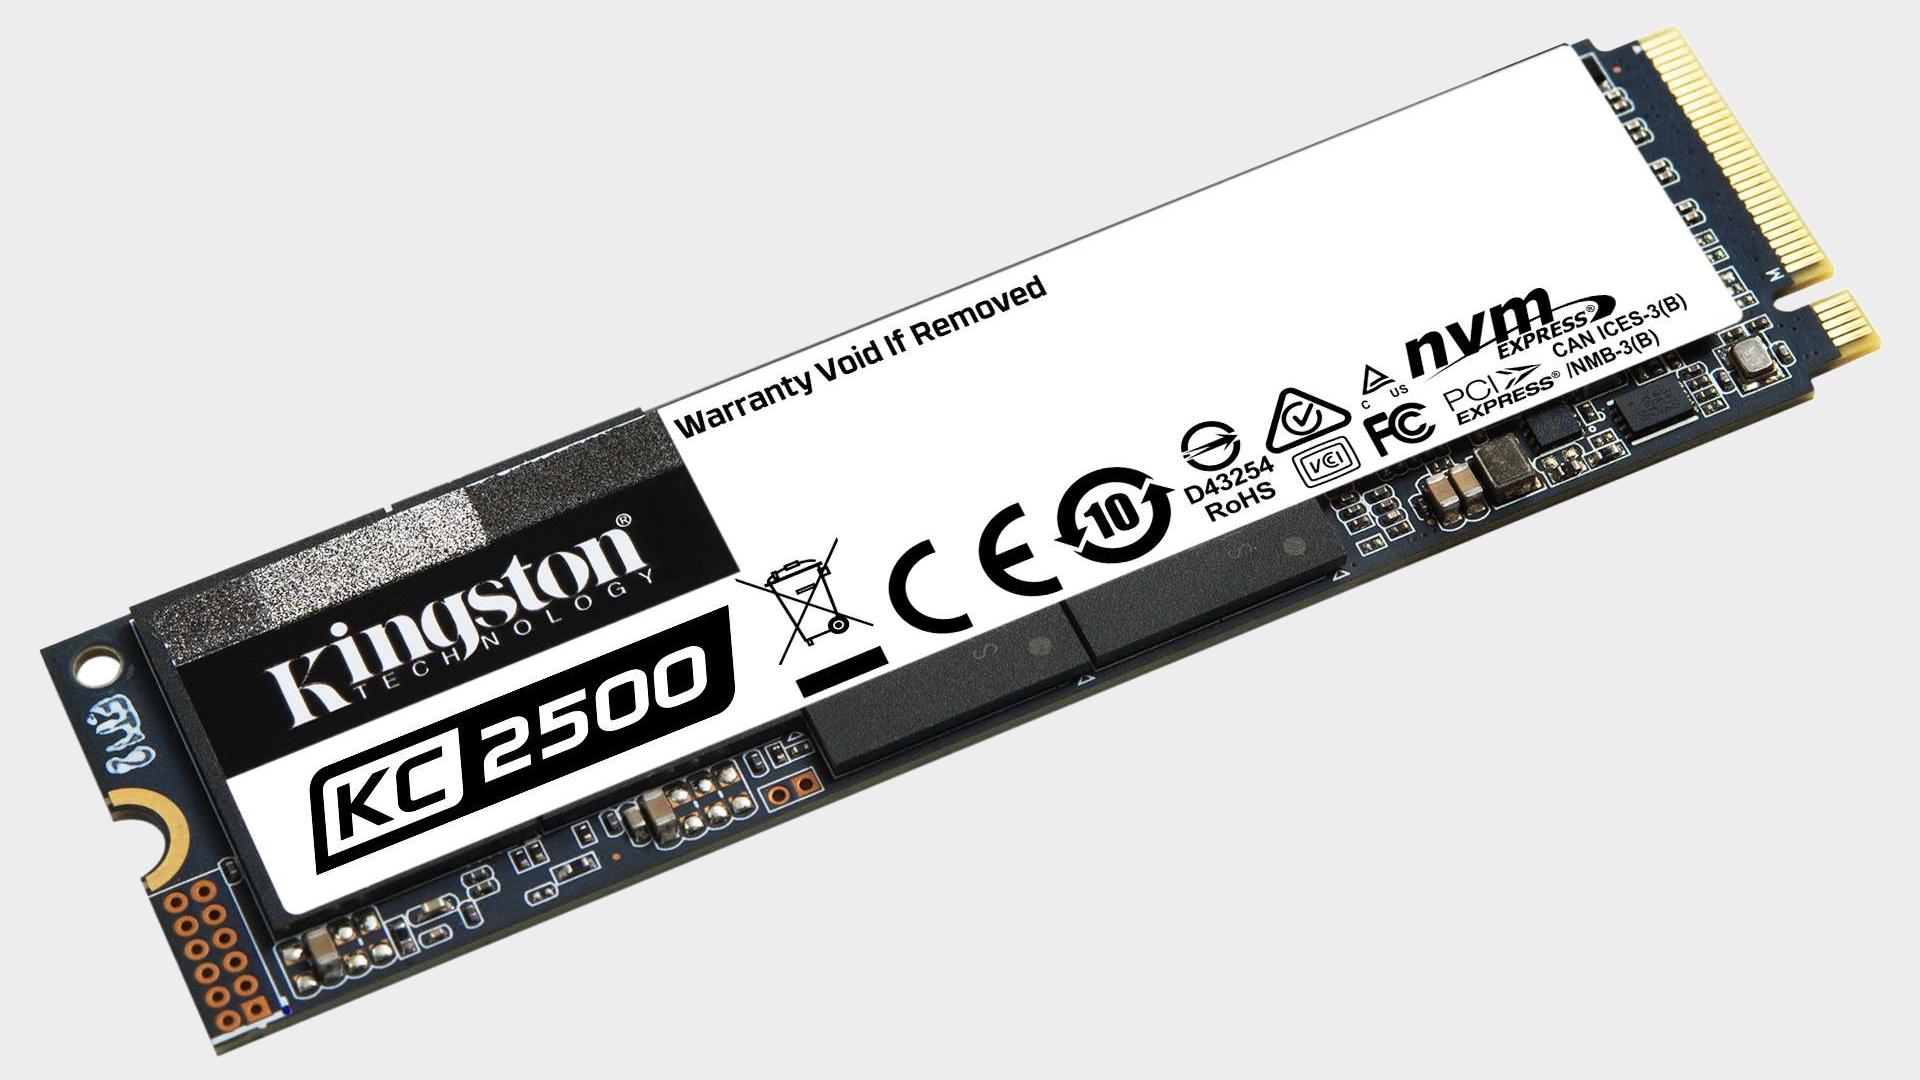 Kingston KC2500 1TB NVMe SSD review thumbnail